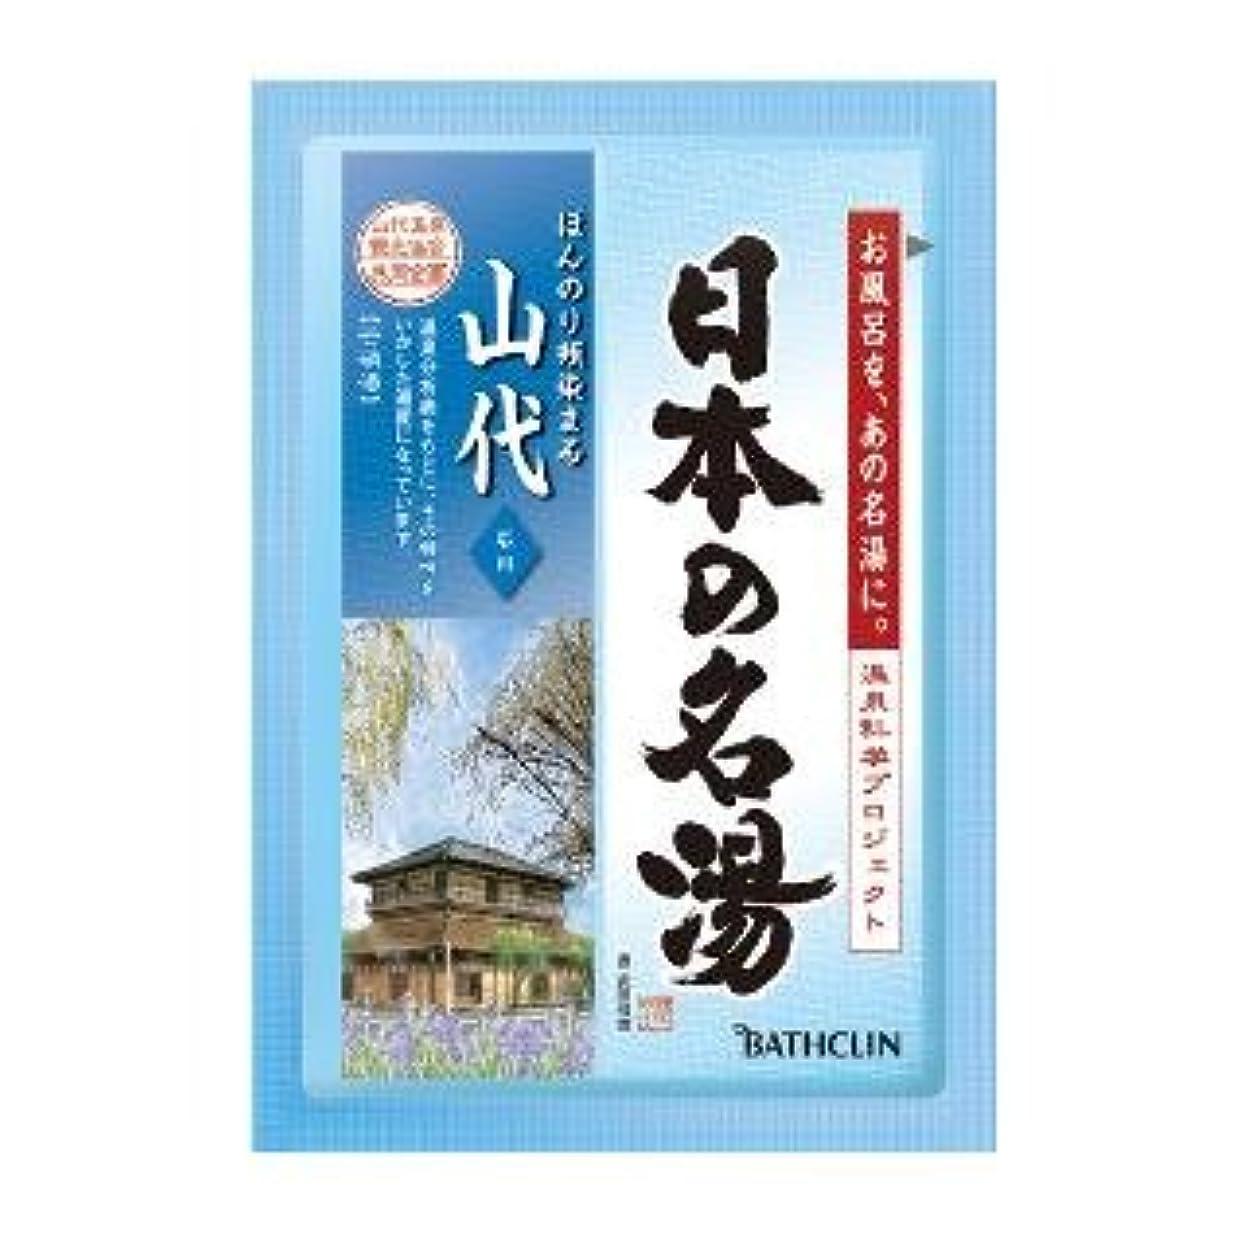 コテージ知り合い控えるバスクリン 日本の名湯 山代 1包×120点セット (4548514135031)